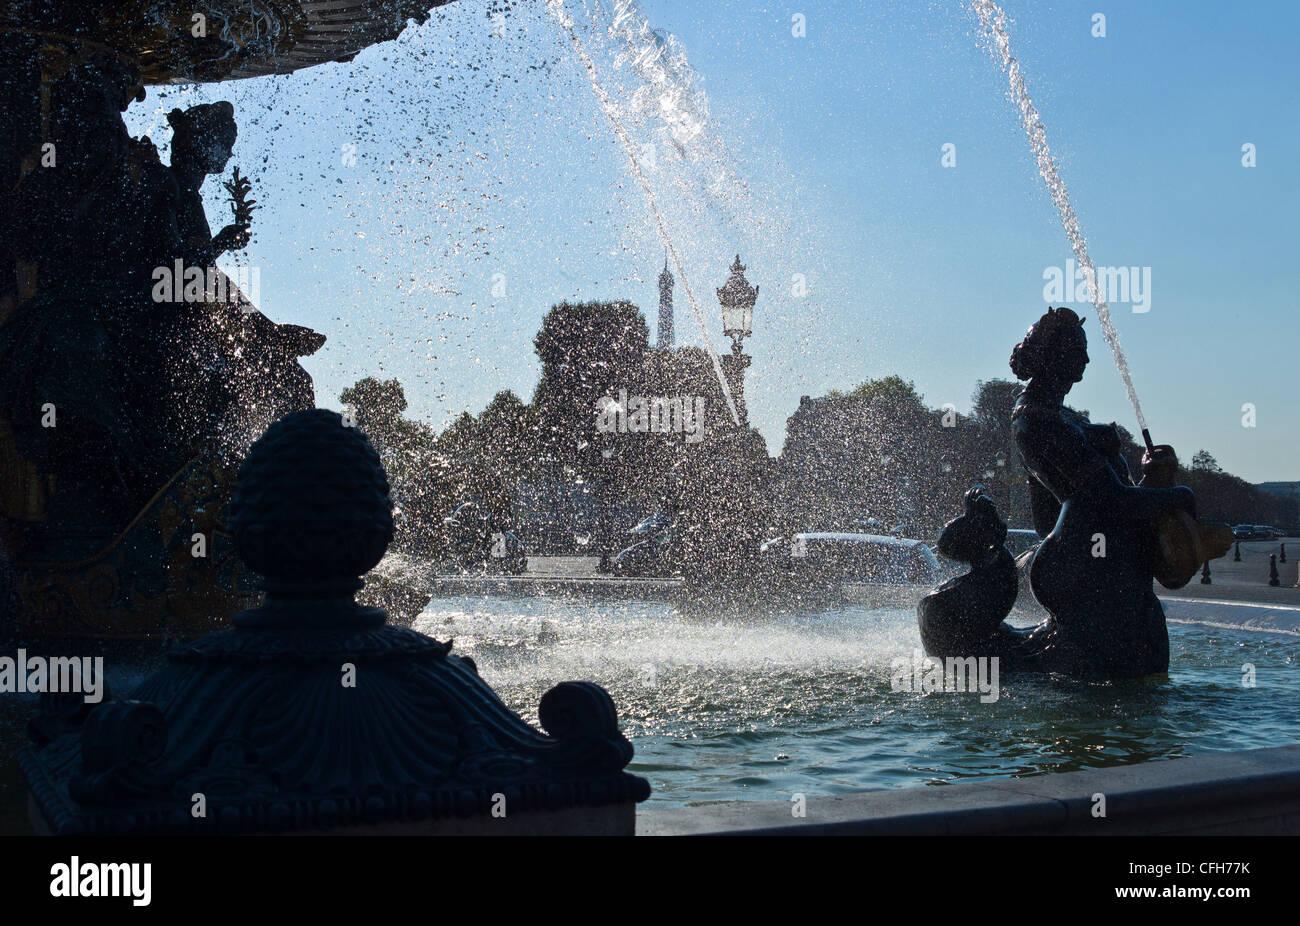 France, Île-de-France, Paris, Place de la Concorde, fountain - Stock Image